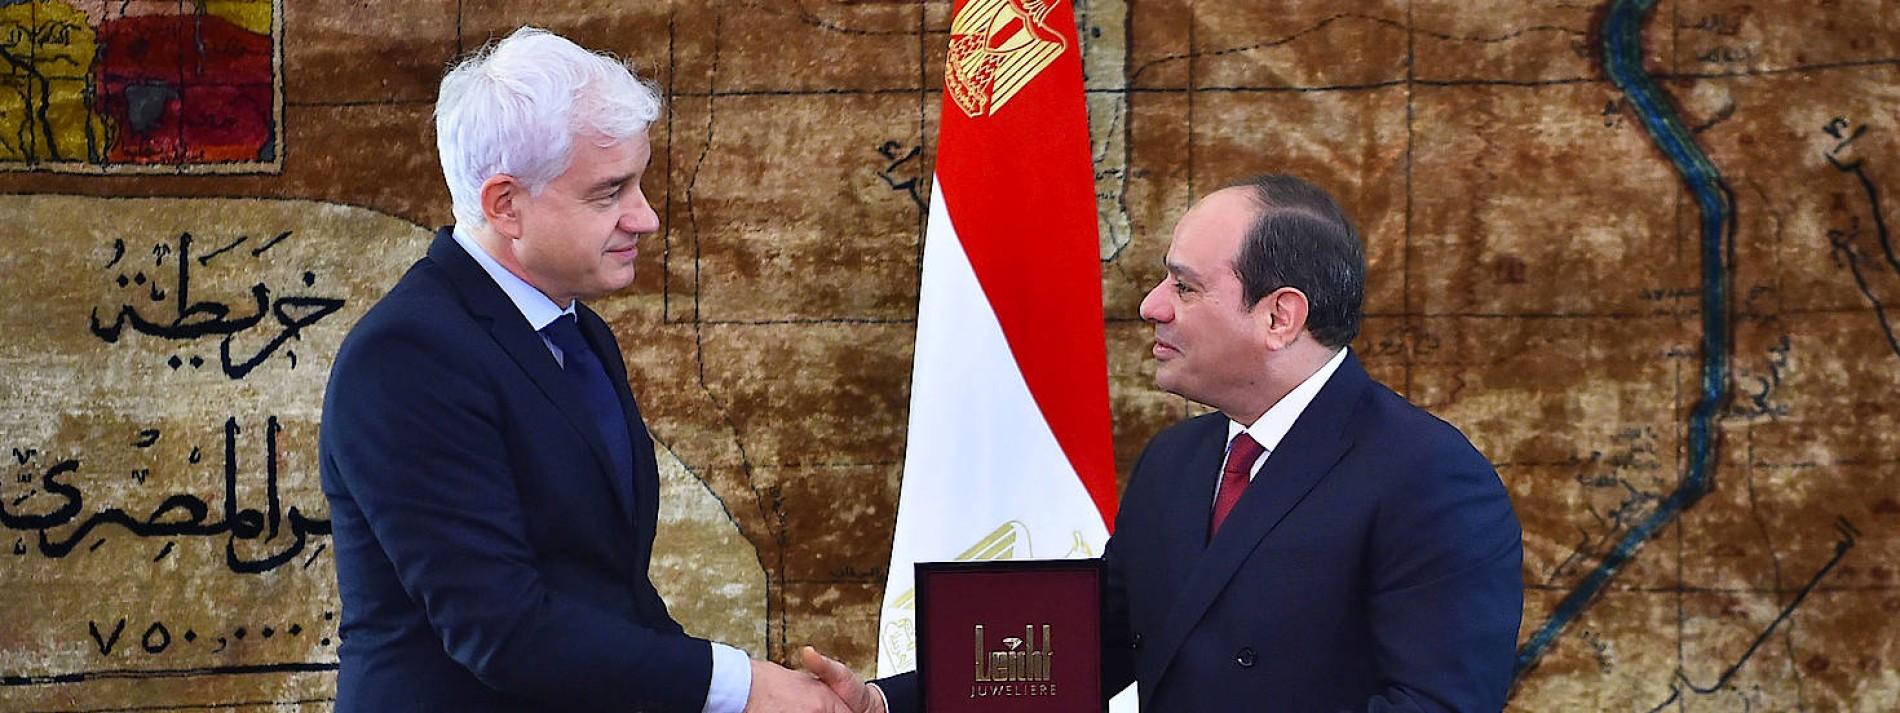 Doch kein Orden für al Sisi